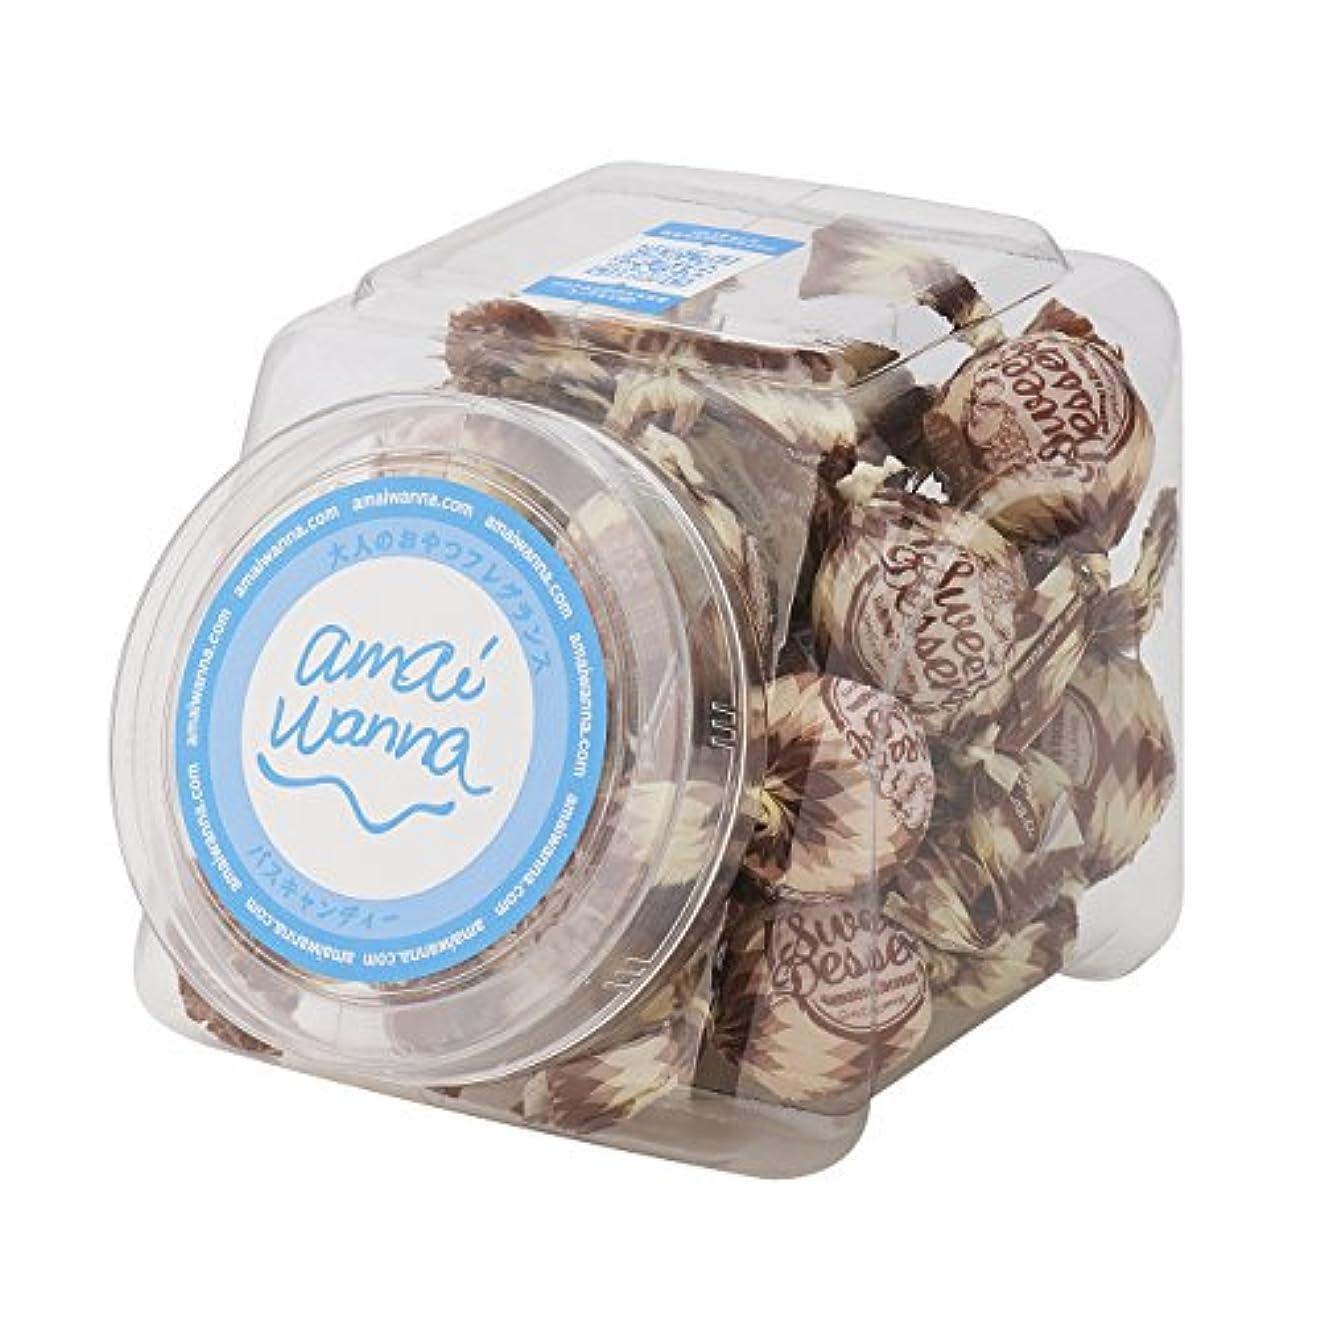 誇張するジョグコーンアマイワナ バスキャンディーポットセット 真夏のココ 35g×24コ(発泡タイプ入浴料 風にそよぐスイートココナッツの香り)